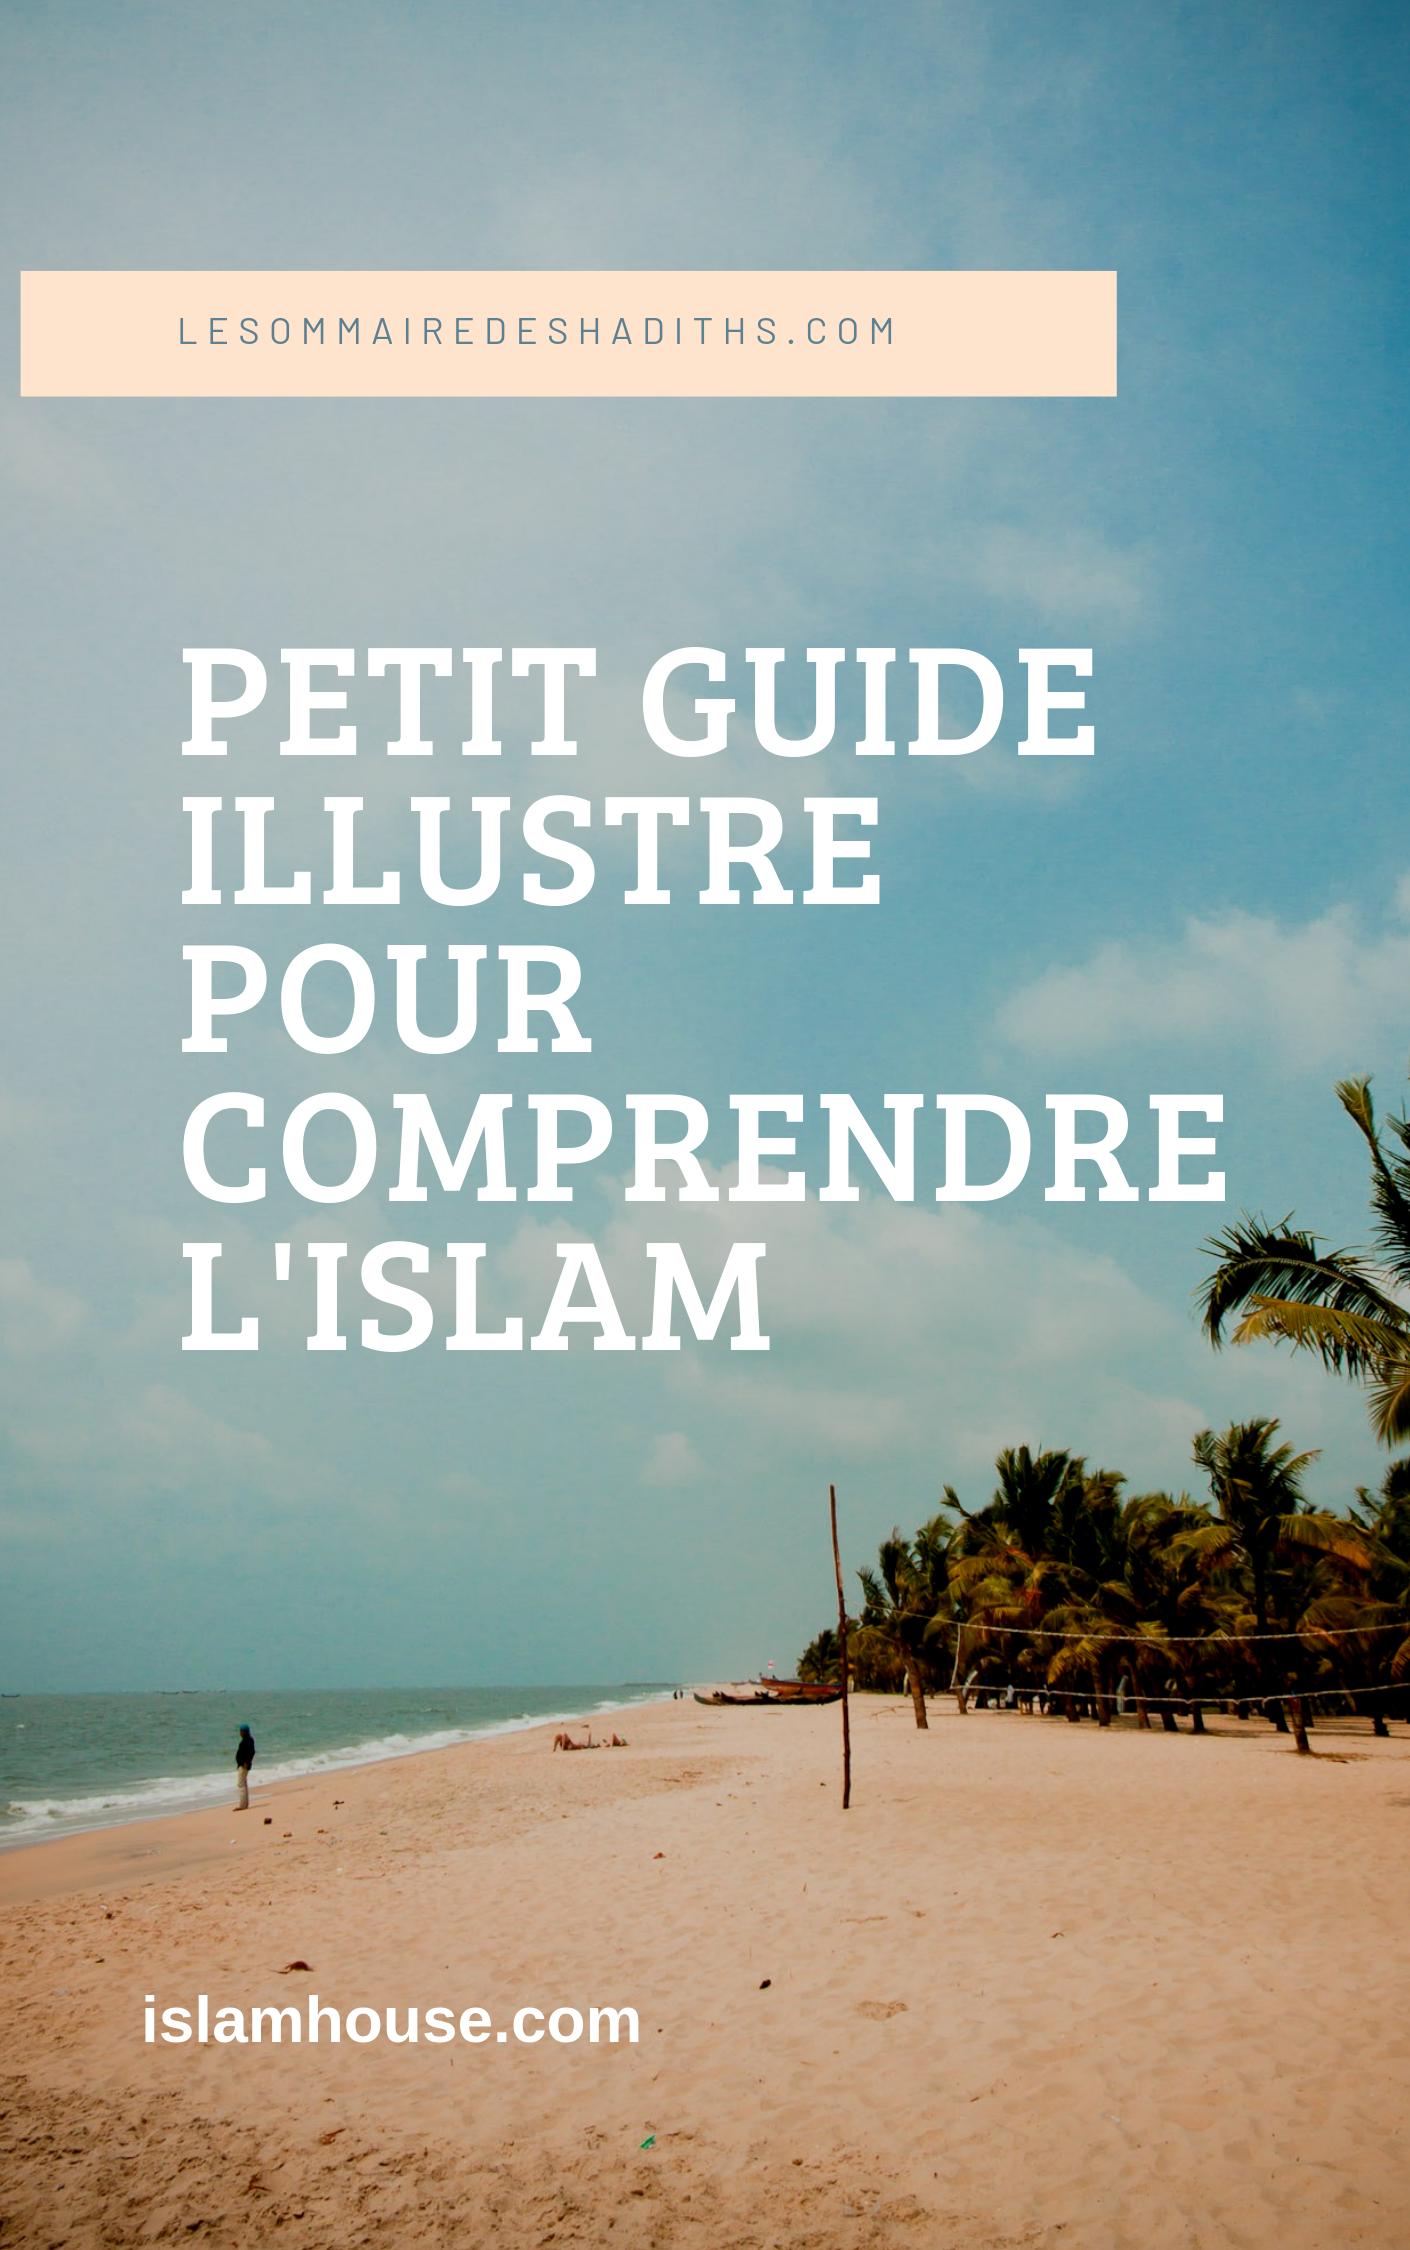 Petit guide illustre pour comprendre l'islam